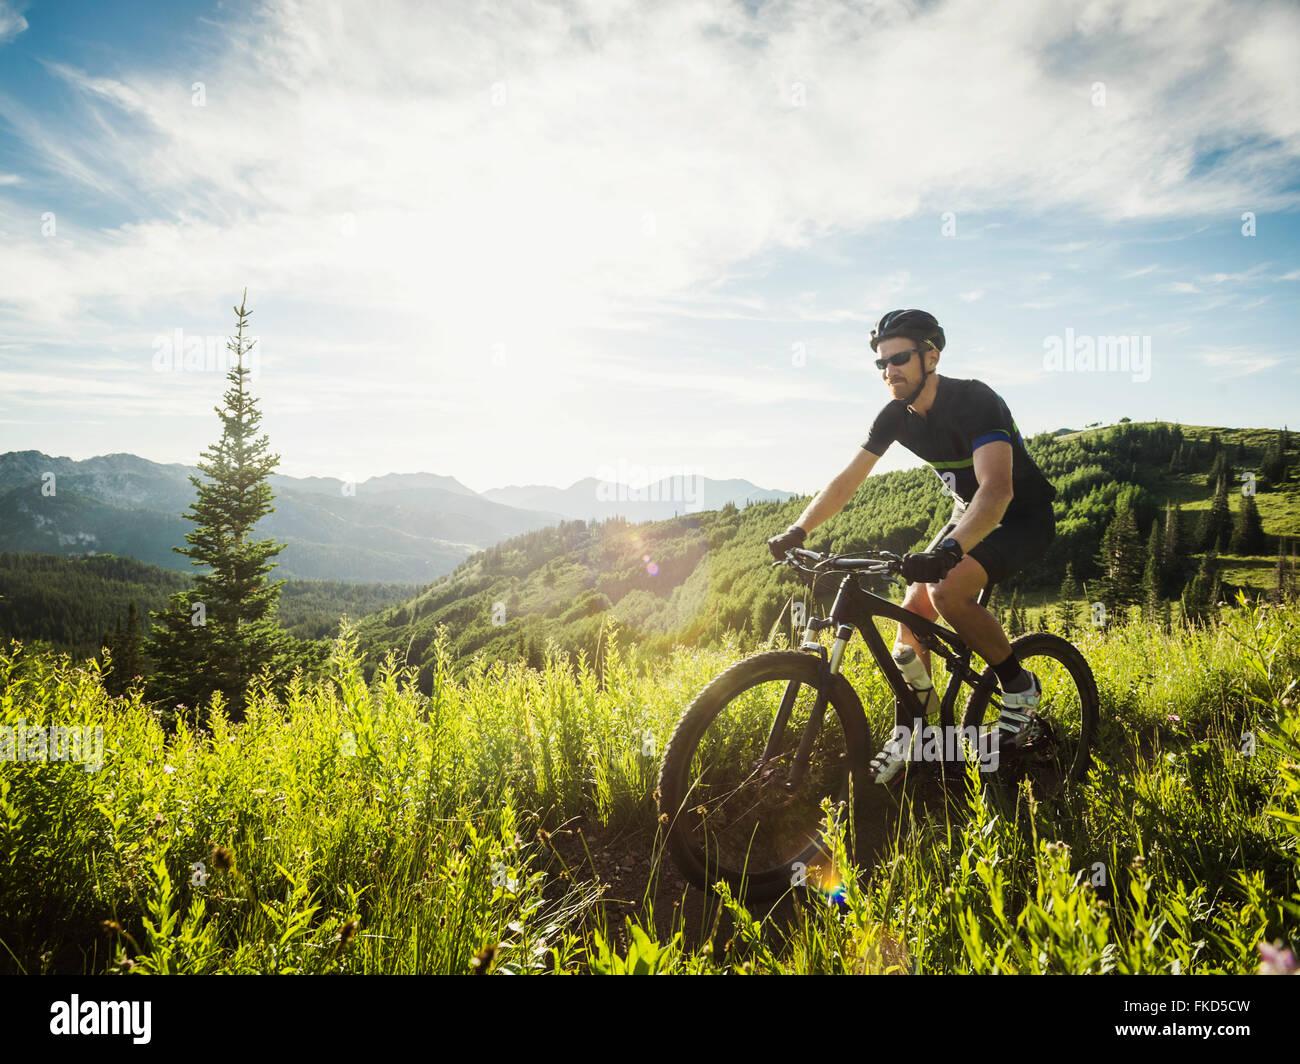 El hombre durante el viaje en bicicleta en paisajes de montaña Imagen De Stock